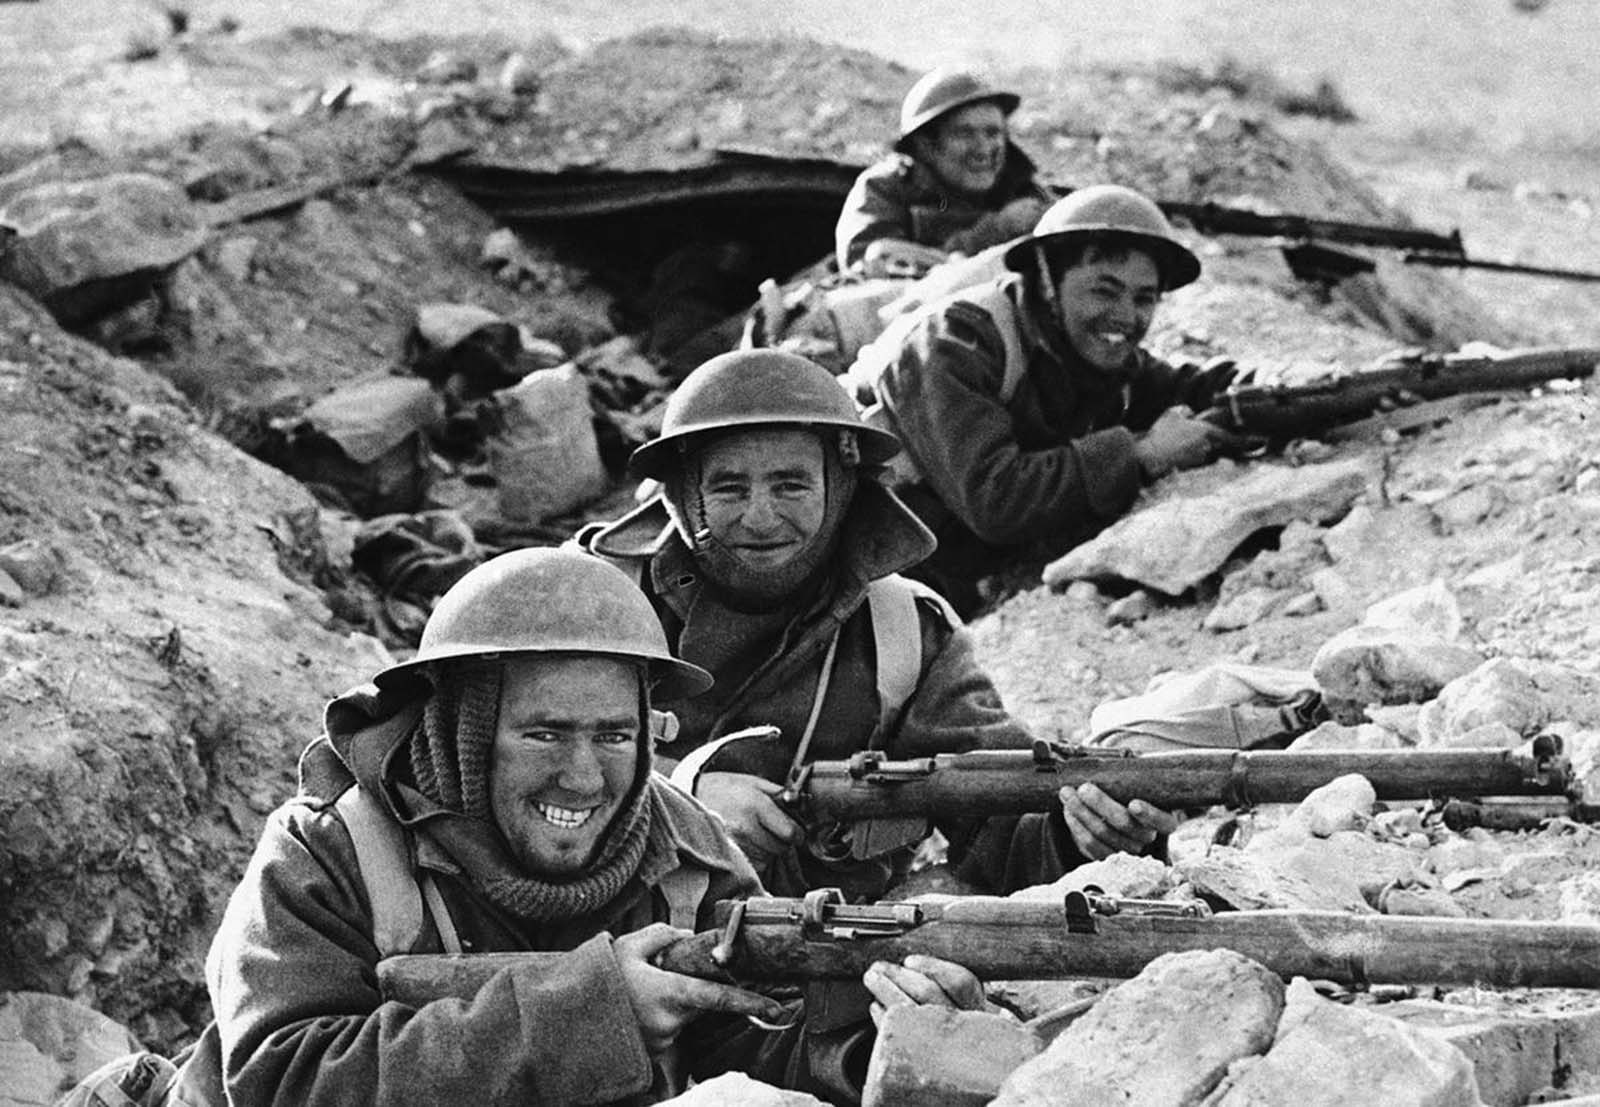 La seconde Guerre mondiale: La guerre sanglante se propage partout dans le monde, en 1940-1941